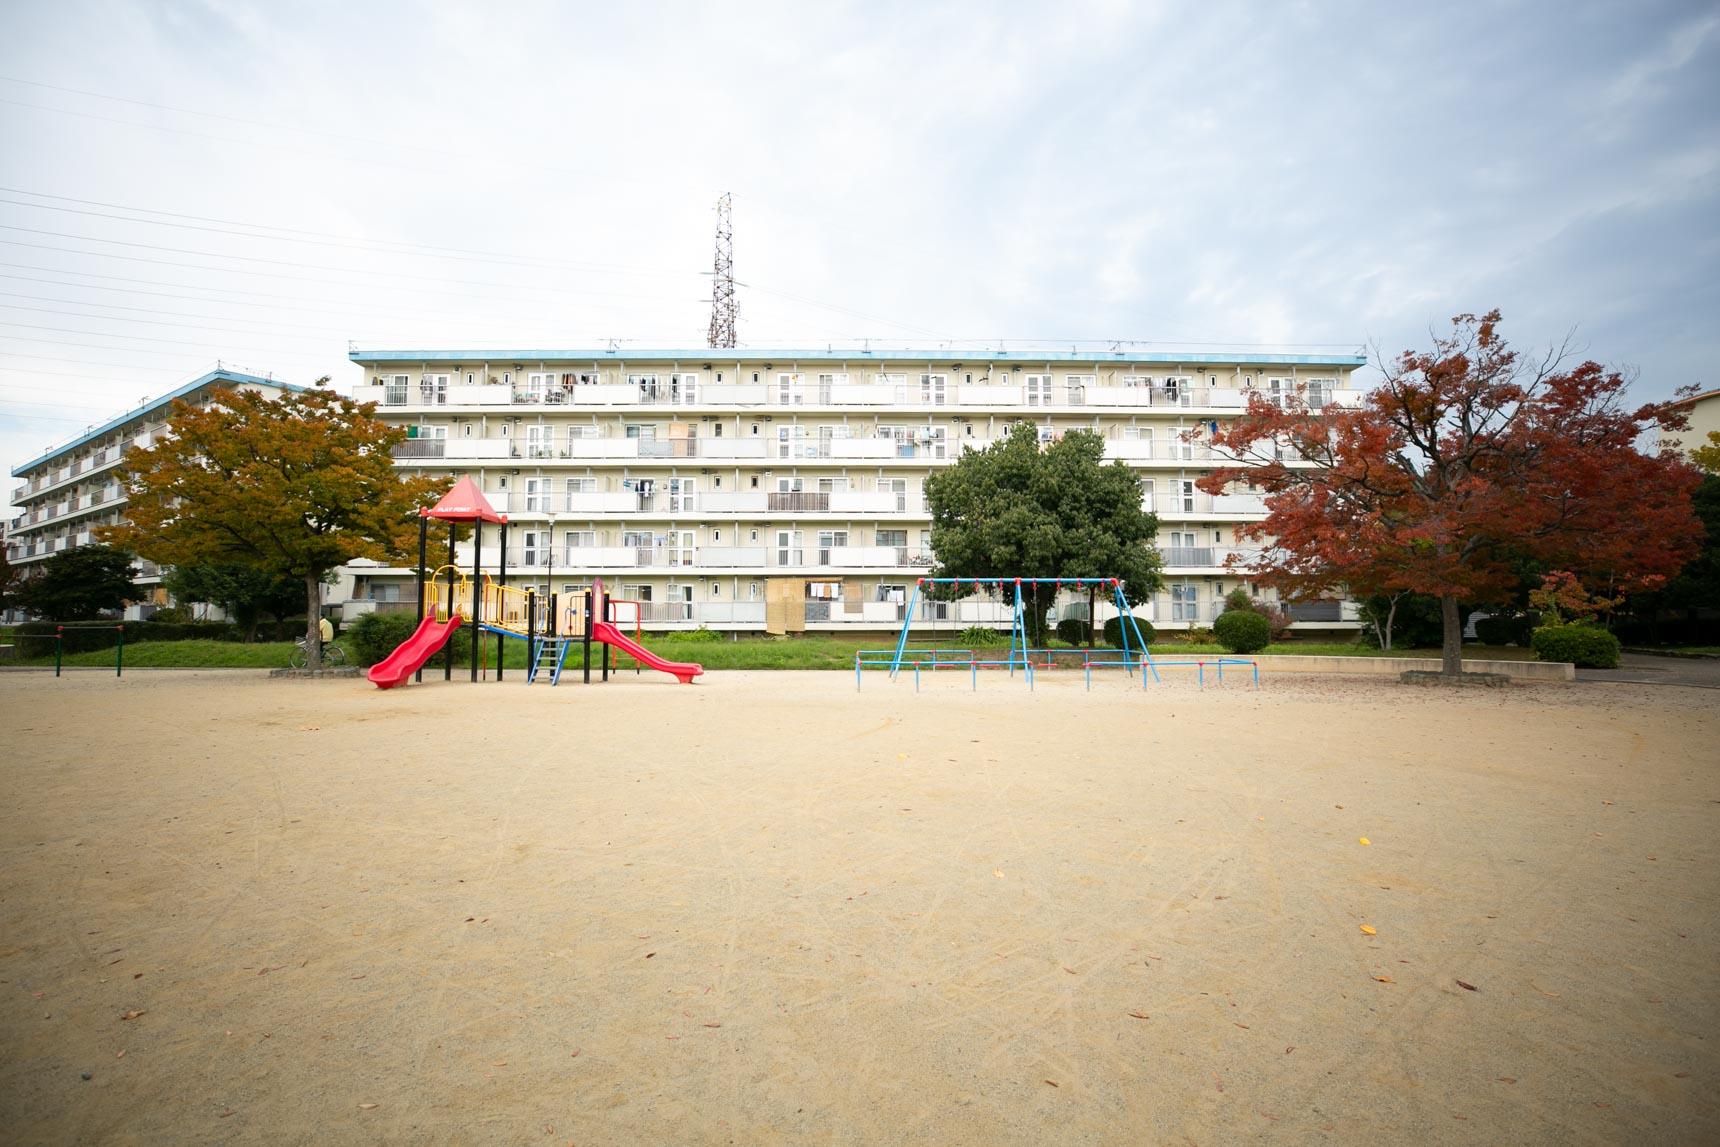 子どもたちが思いきり遊べそうな、遊具を備えた広い公園もありました。